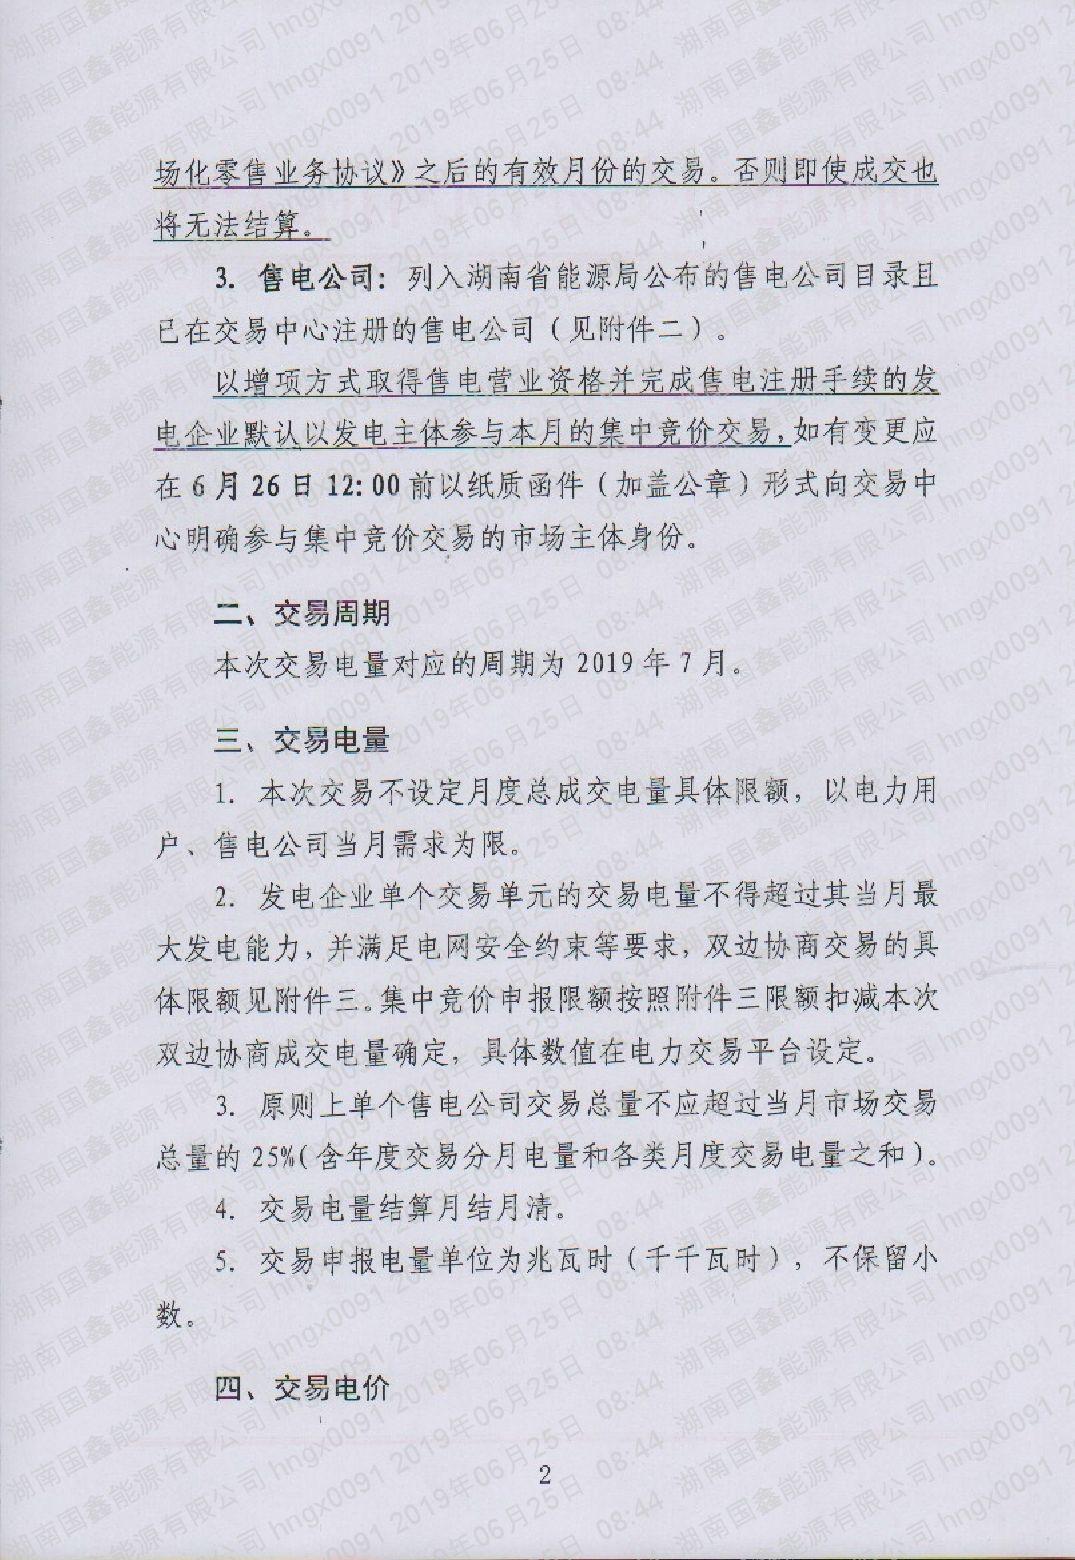 湖南電力交易中心有限公司關于2019年7月電力市場交易的公告(2019年13號).pdf_page_2_compressed_compressed.jpg